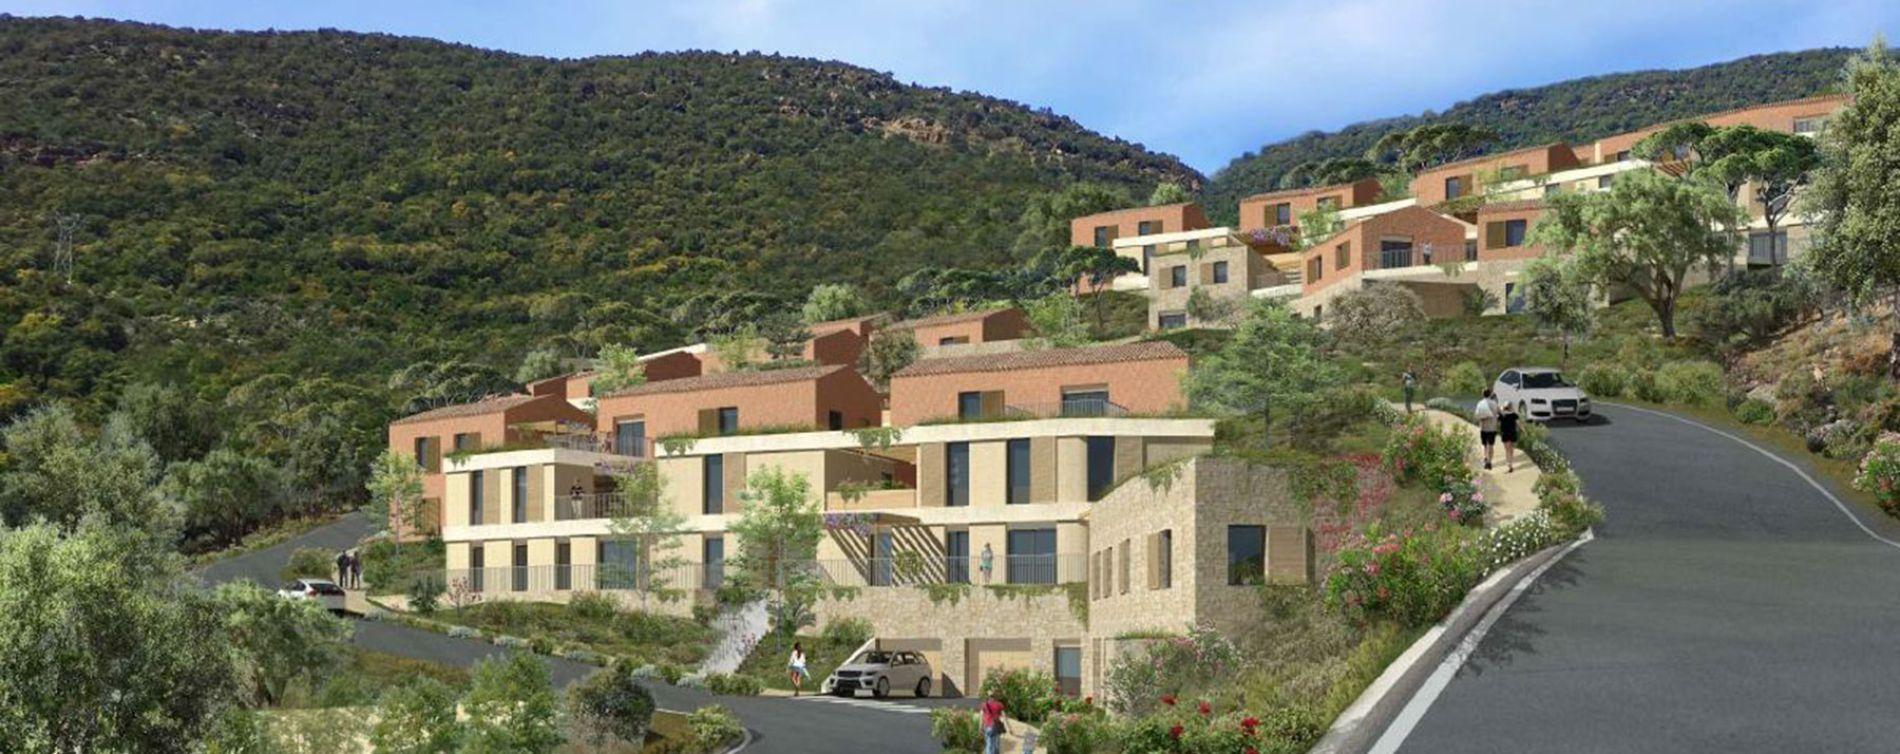 Résidence Baie View à Cavalaire-sur-Mer